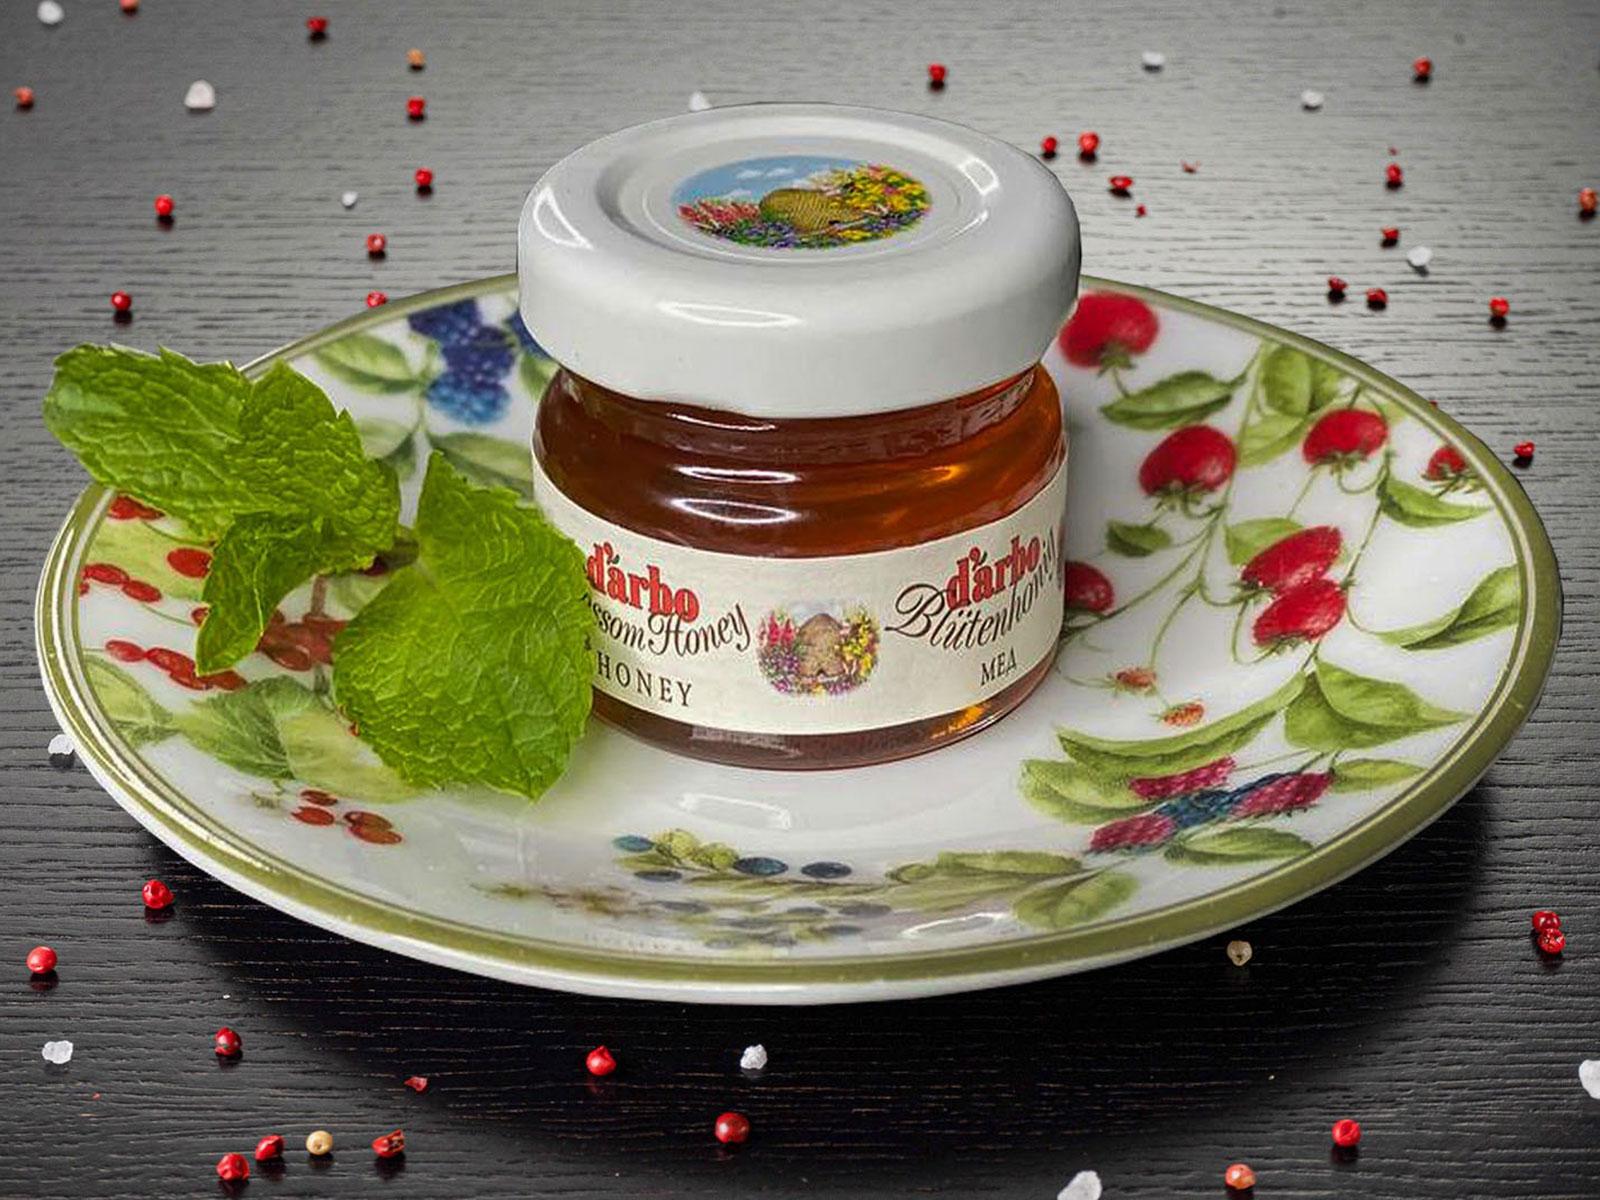 Австрийский натуральный мед